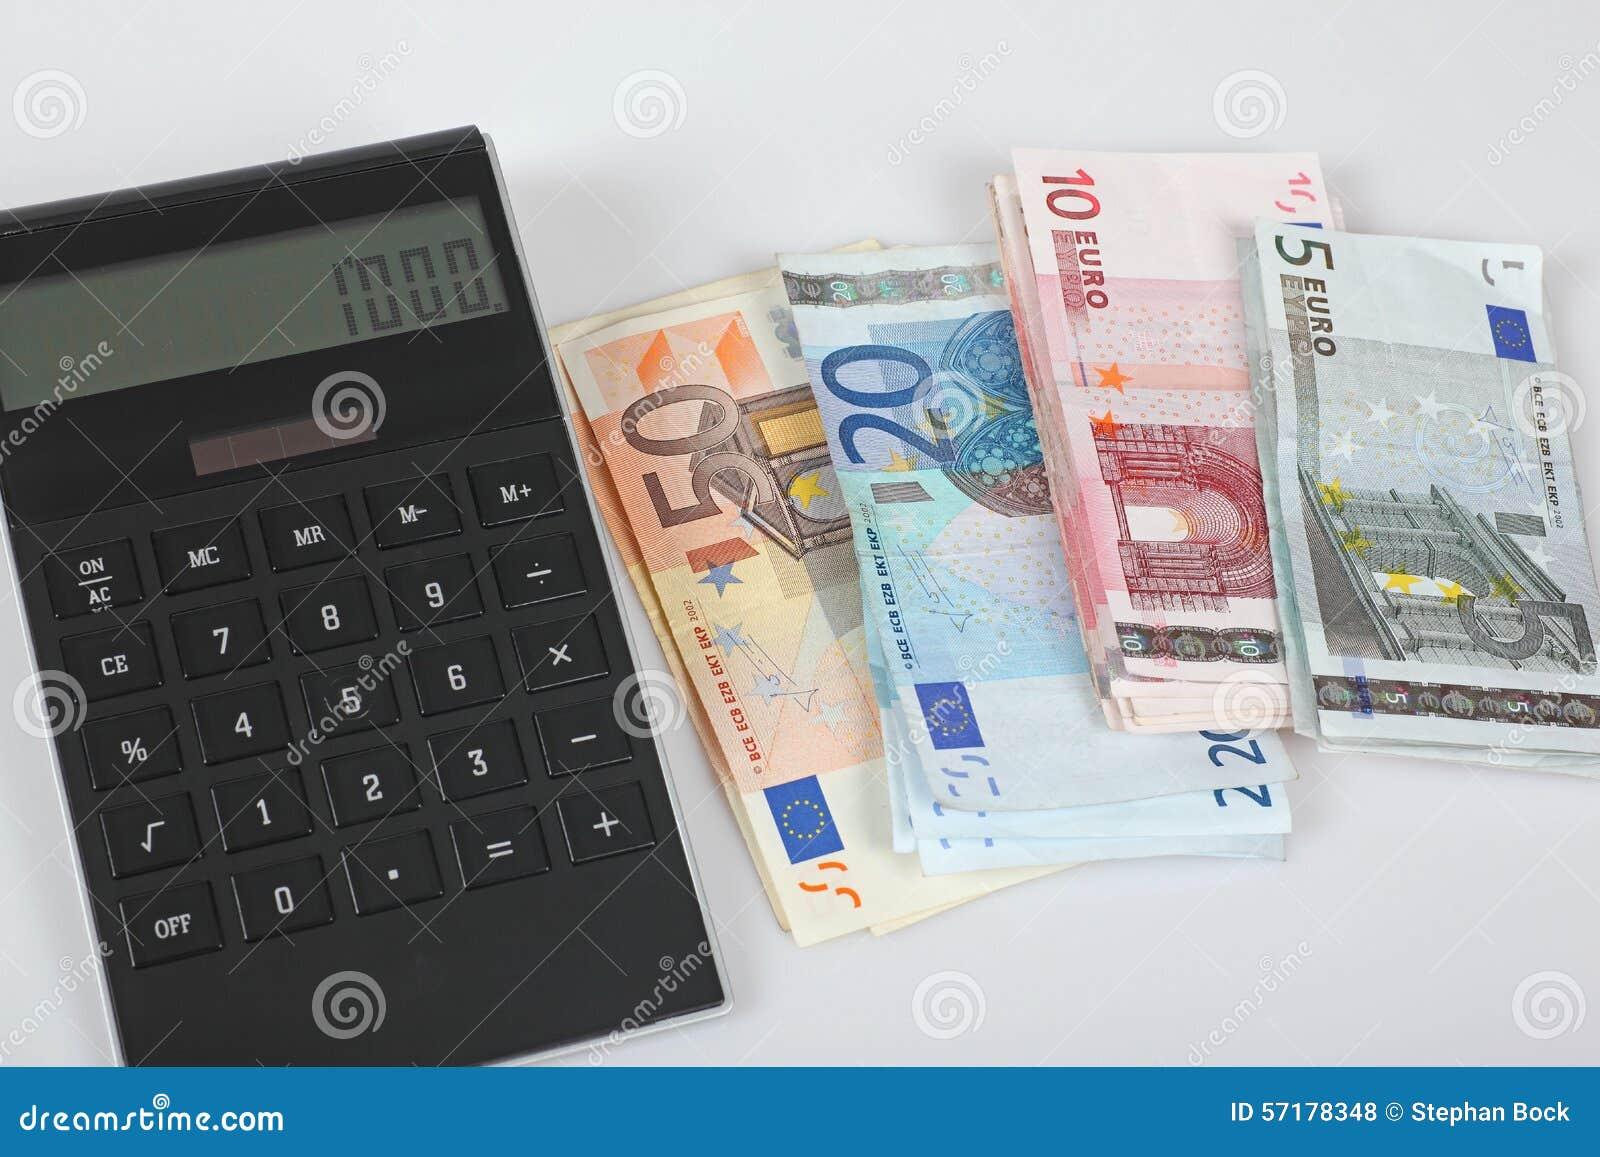 Win 1000 EURO - YouTube